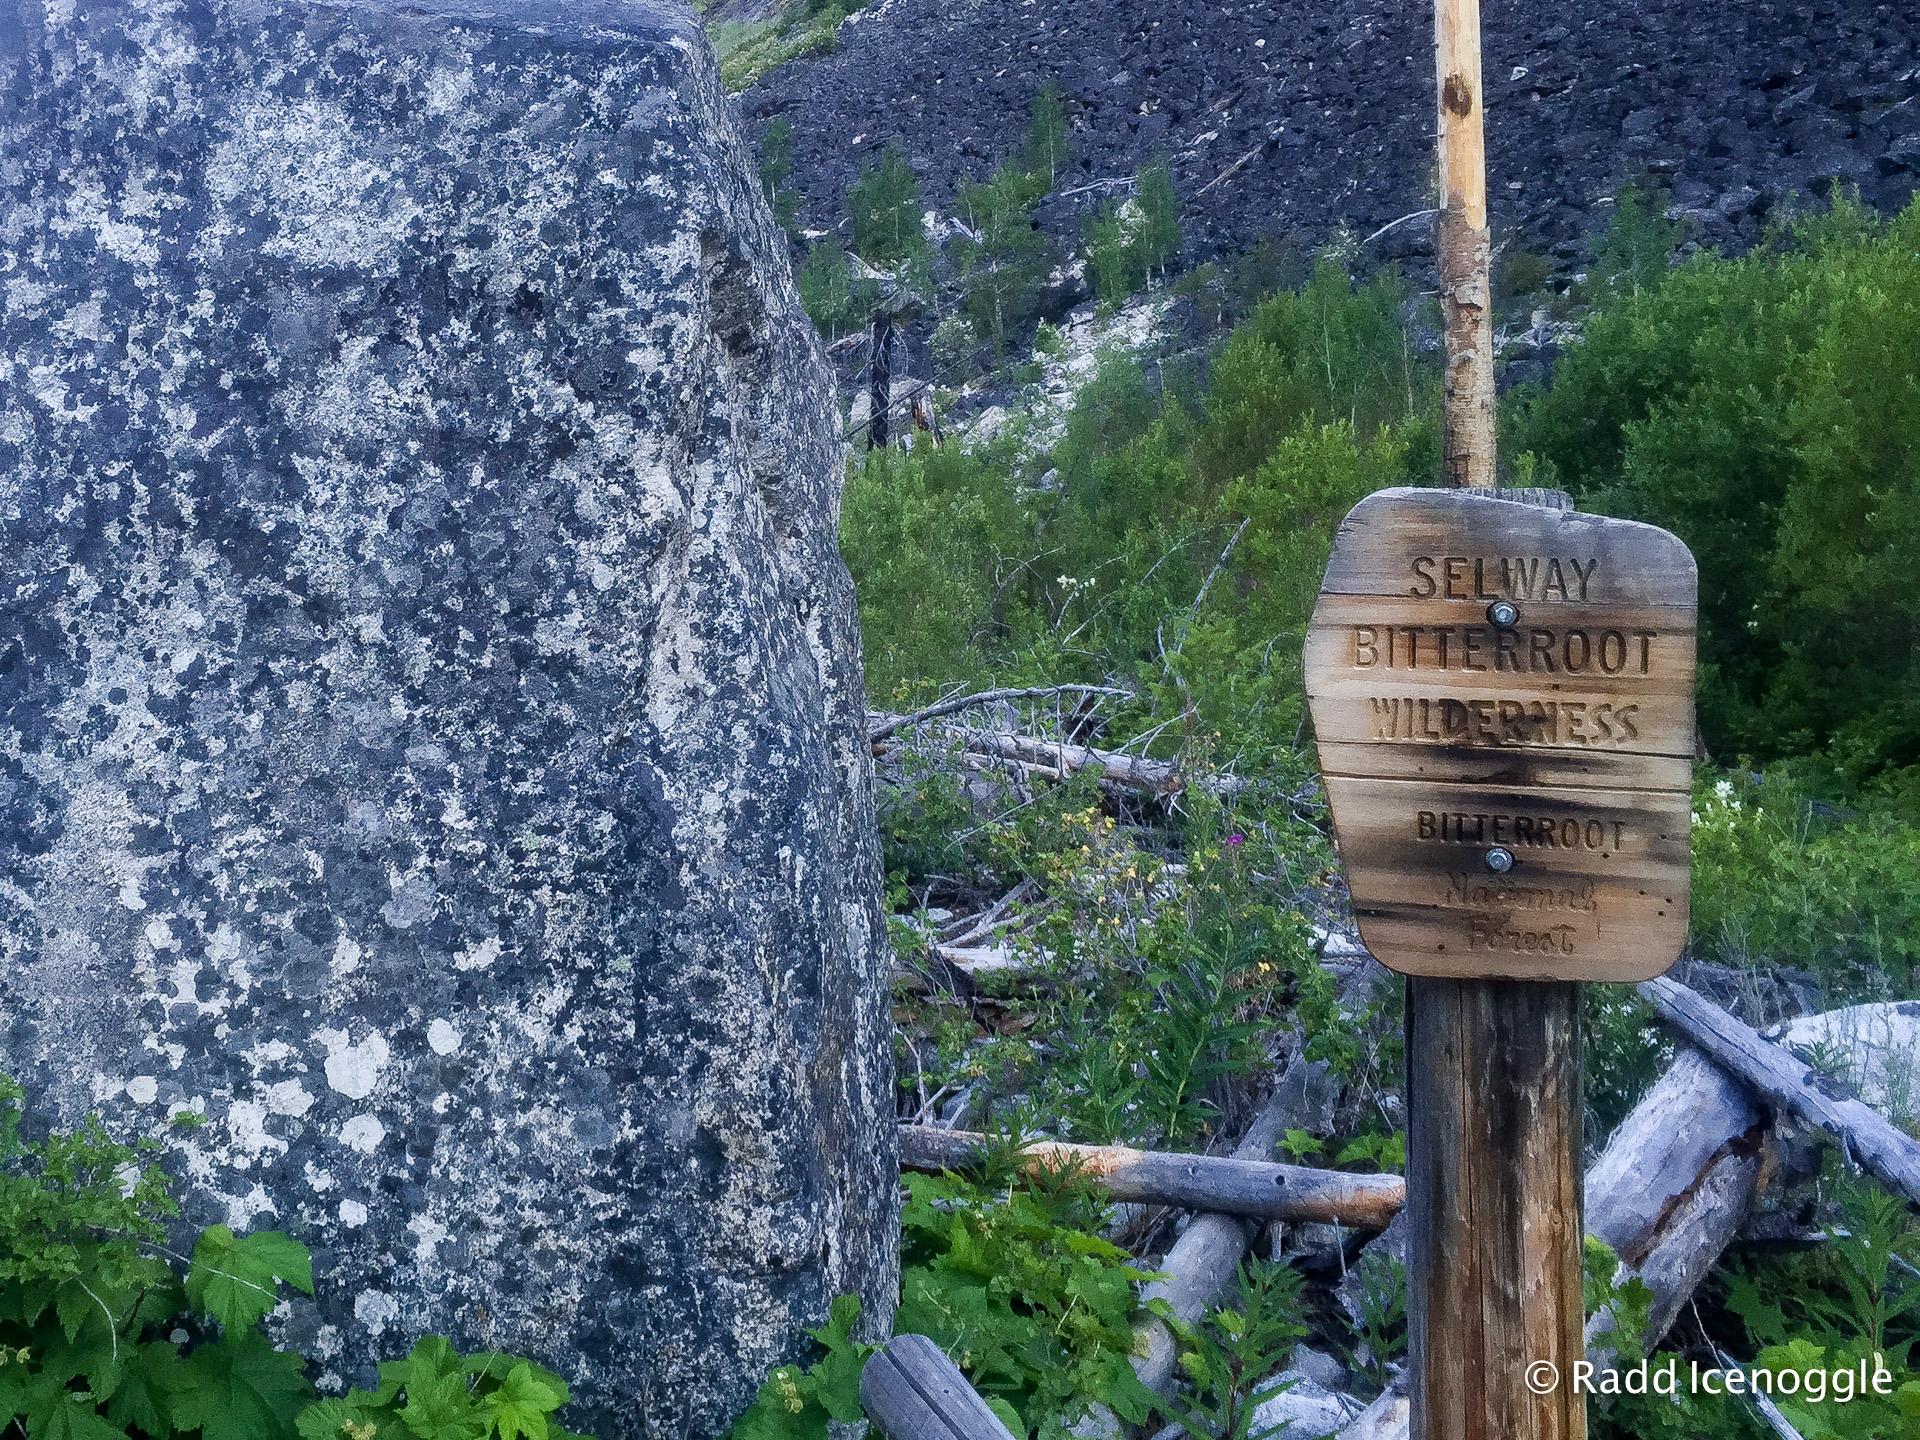 Selway-Bitterroot Wilderness boundry